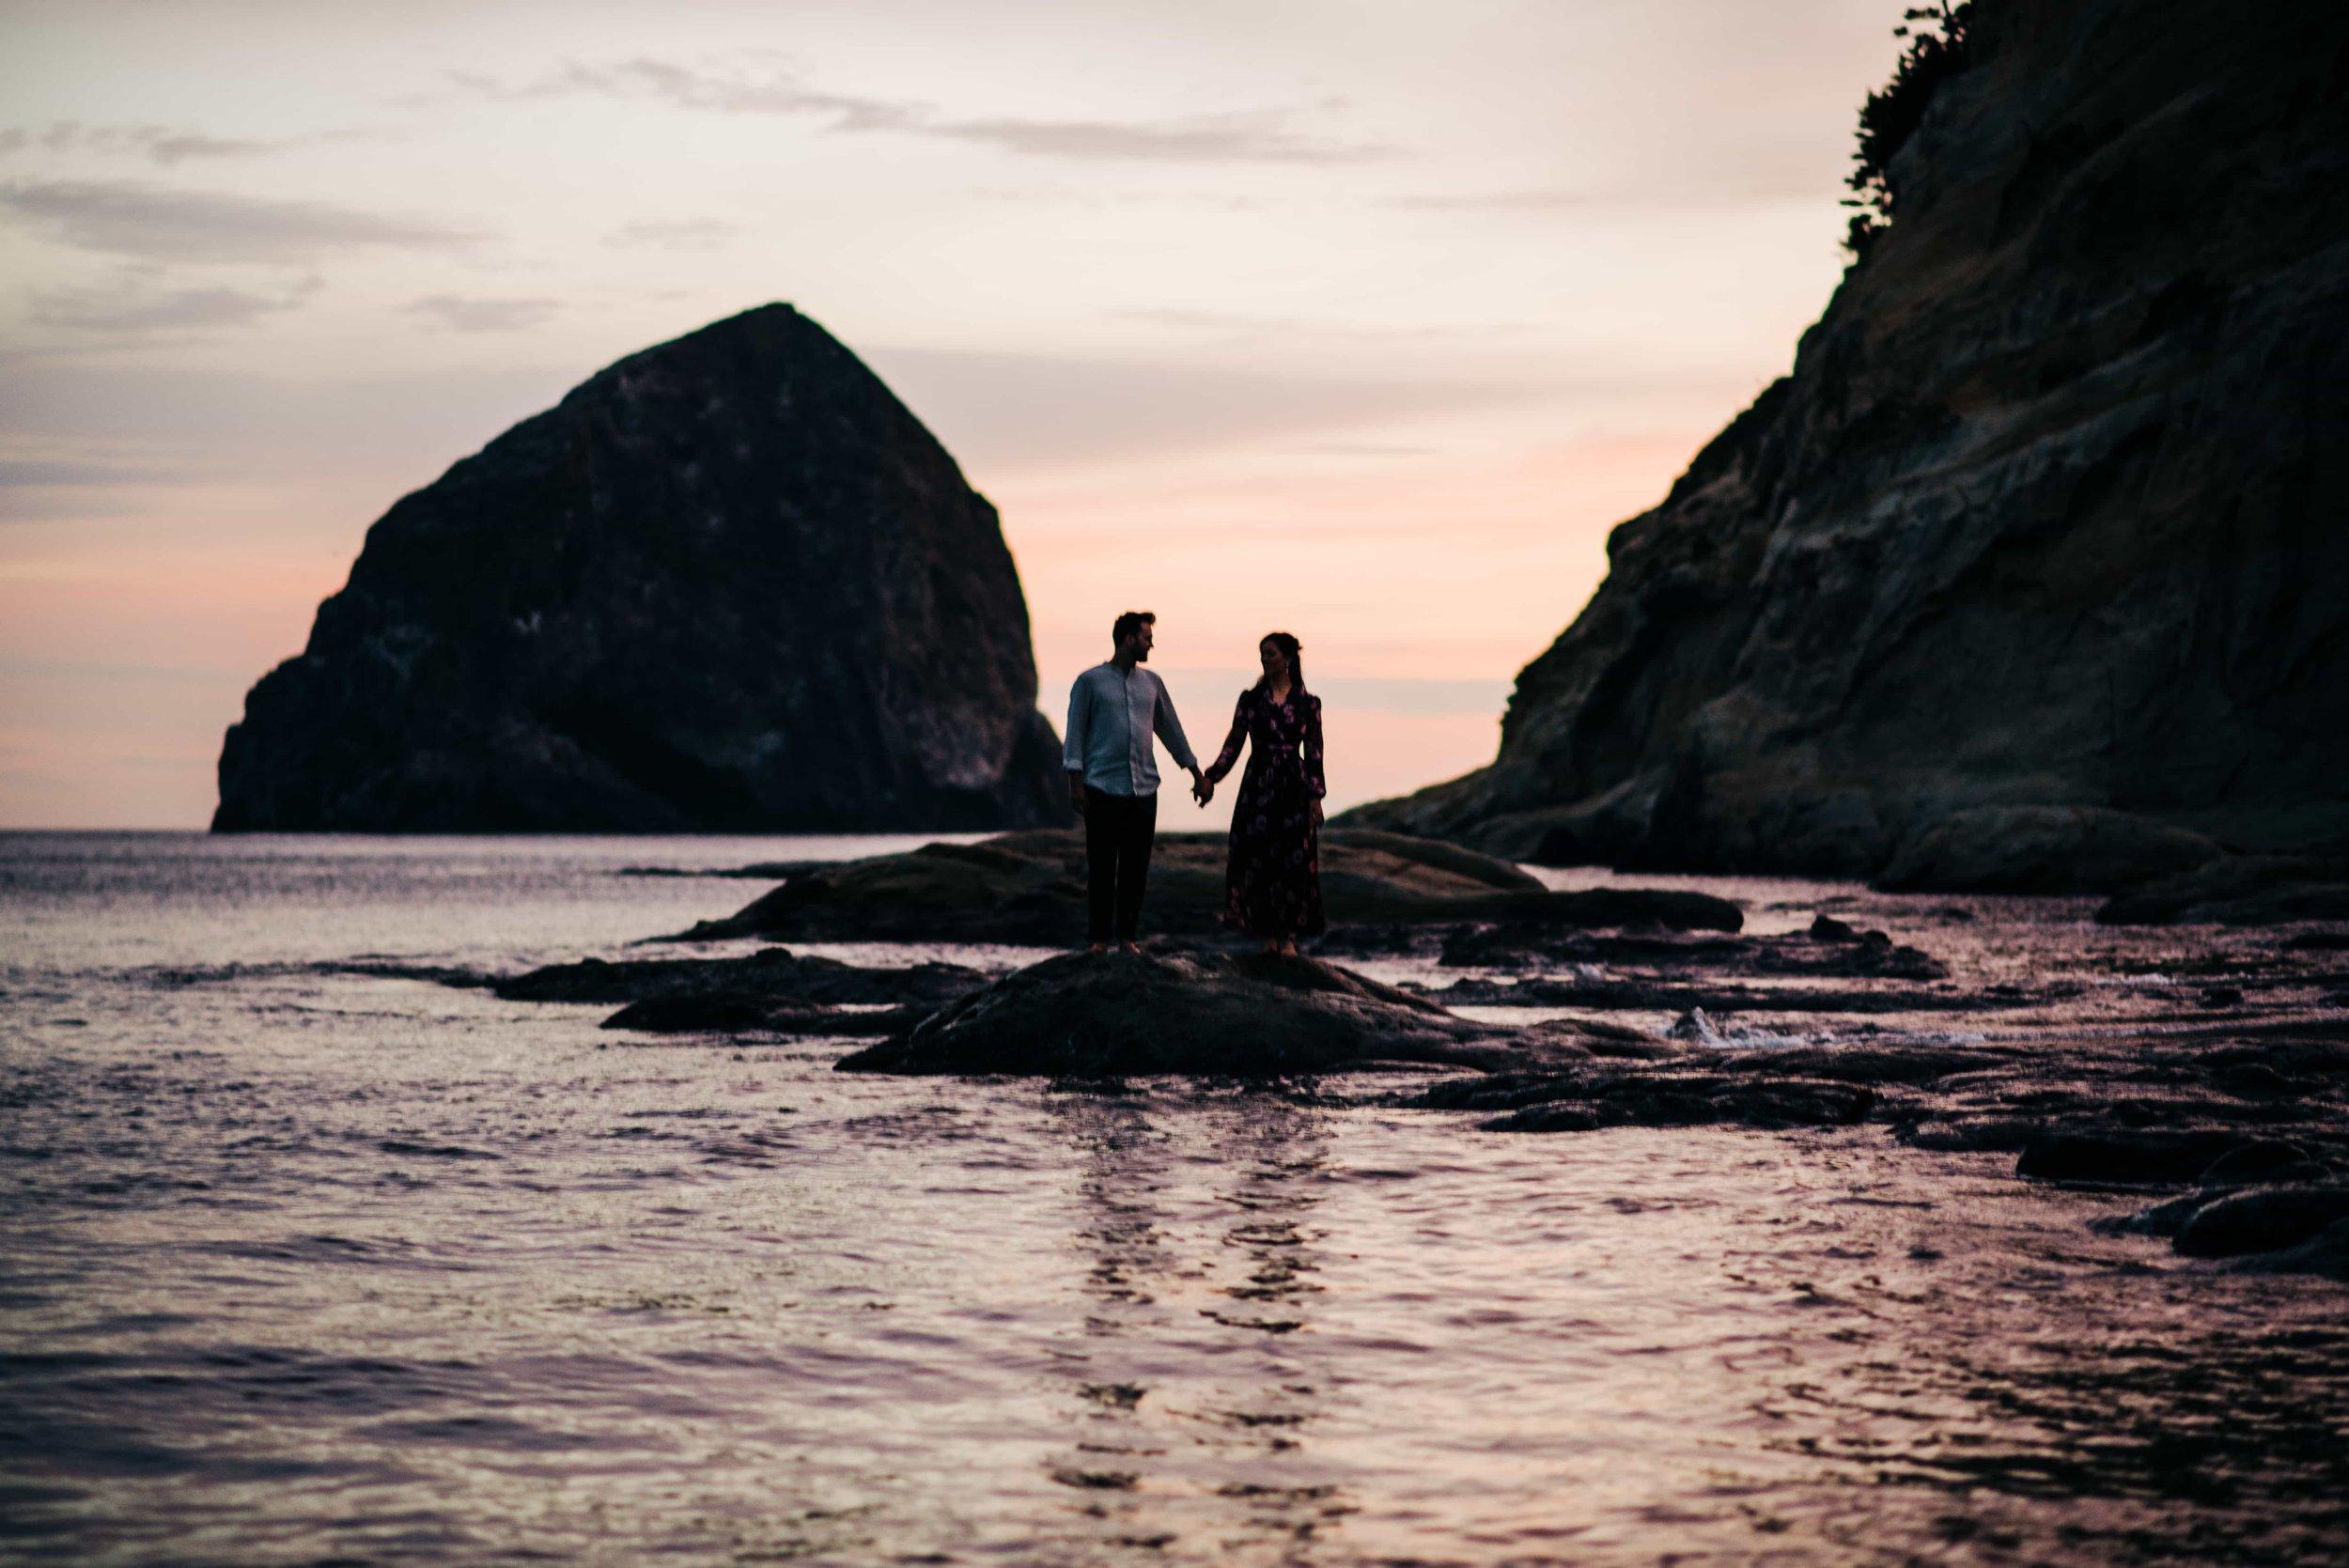 Silhouette of couple at Cape Kiwanda